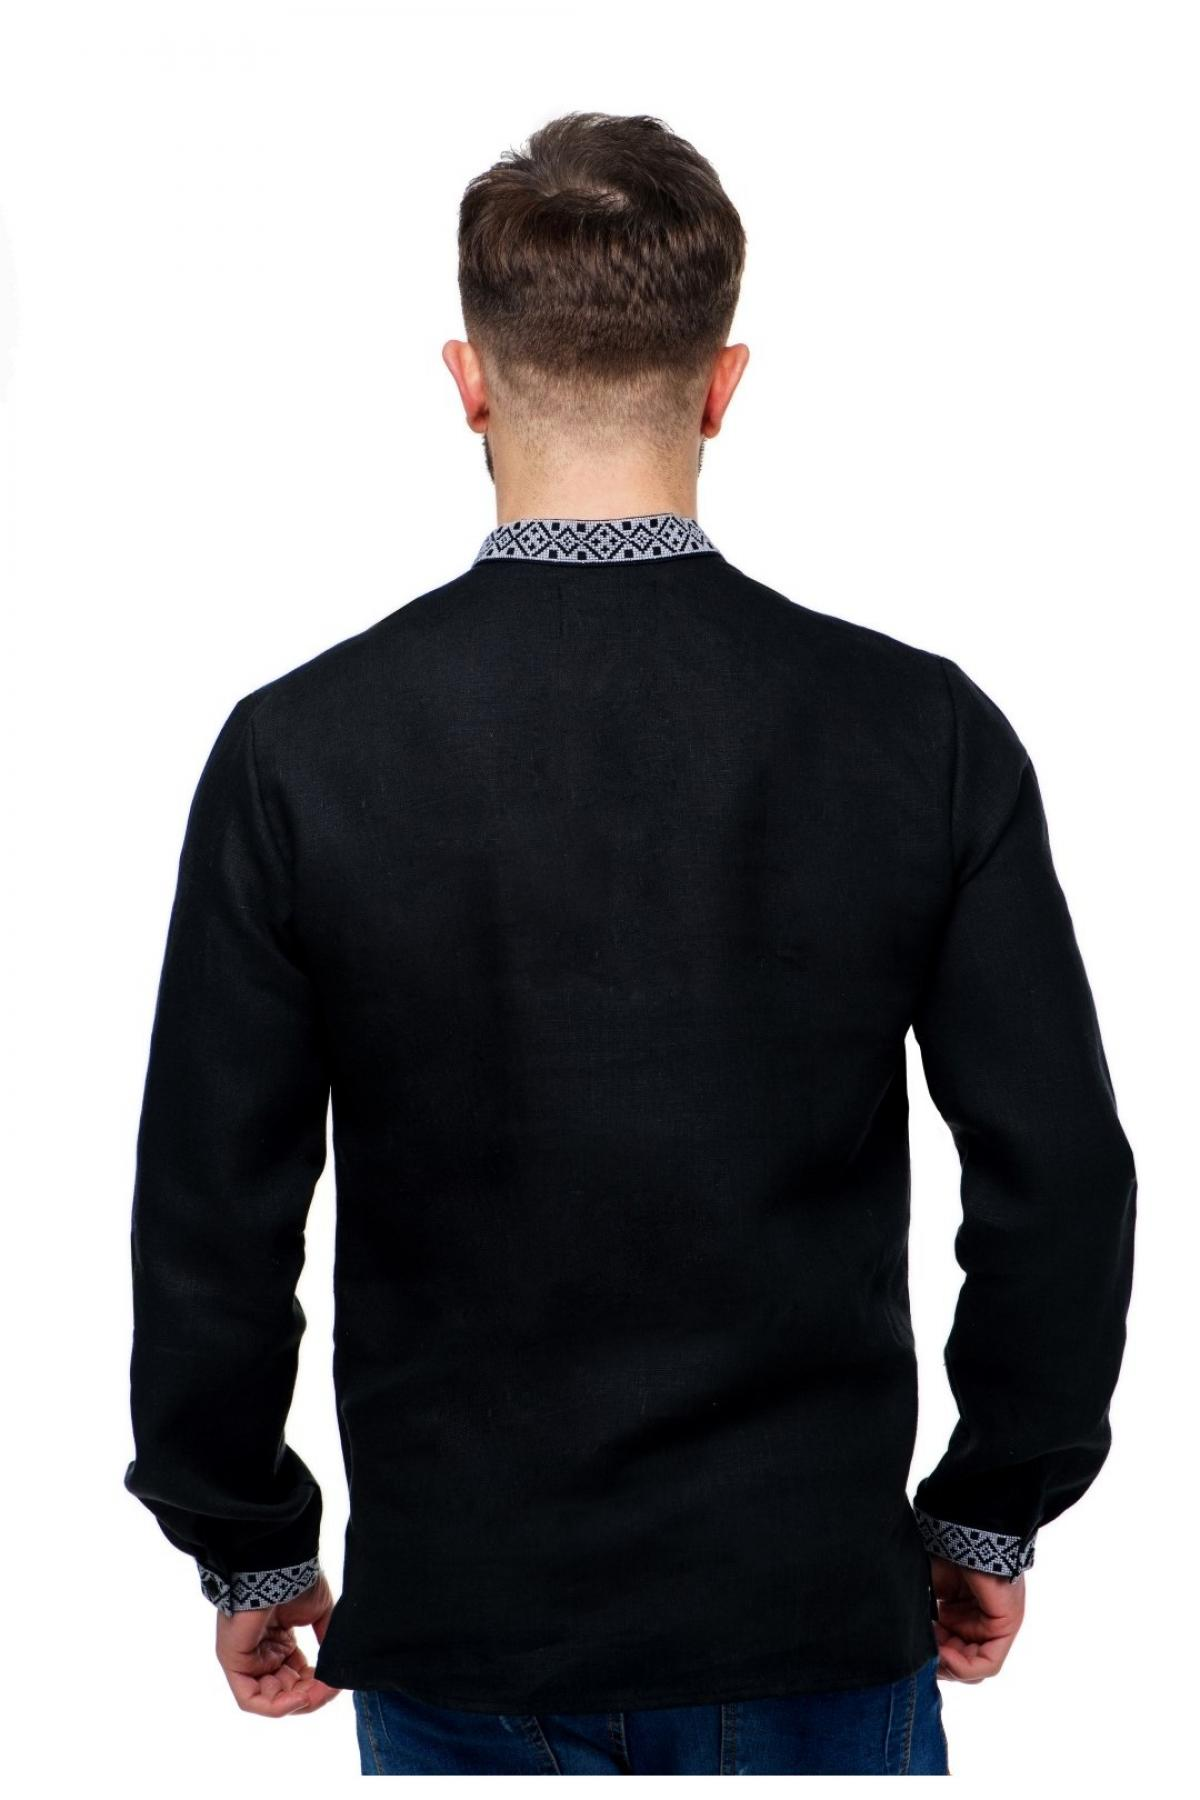 Черная льняная мужская вышиванка с серой вышивкой на груди, воротничках и манжетах. Фото №2. | Народный дом Украина